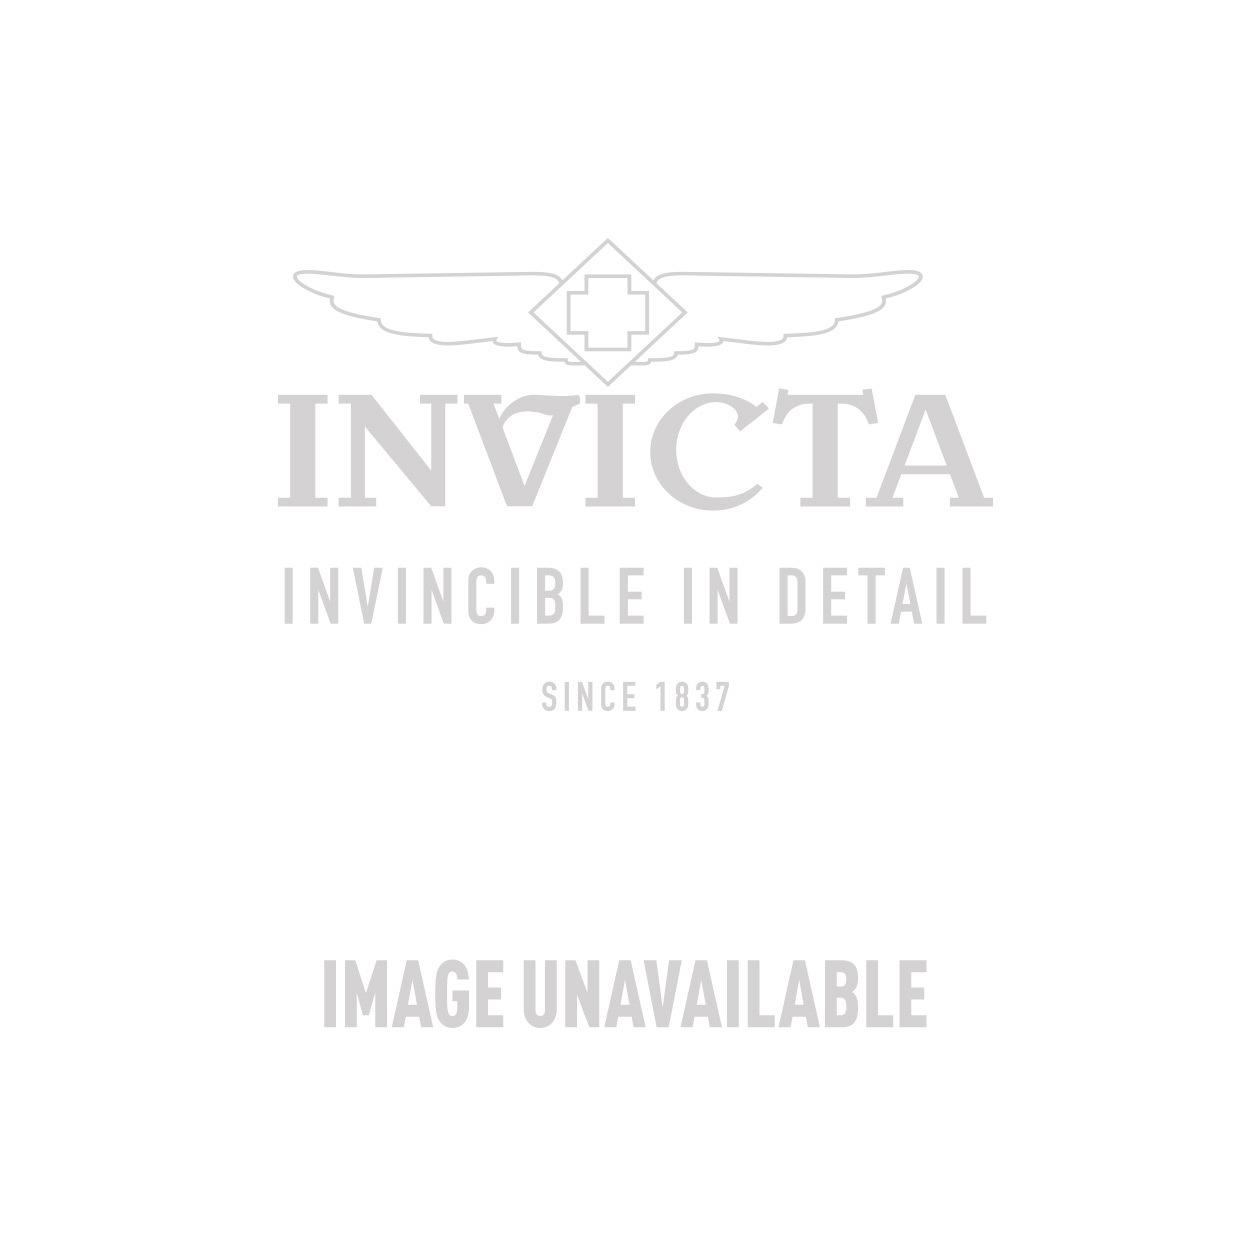 Invicta Model 28296